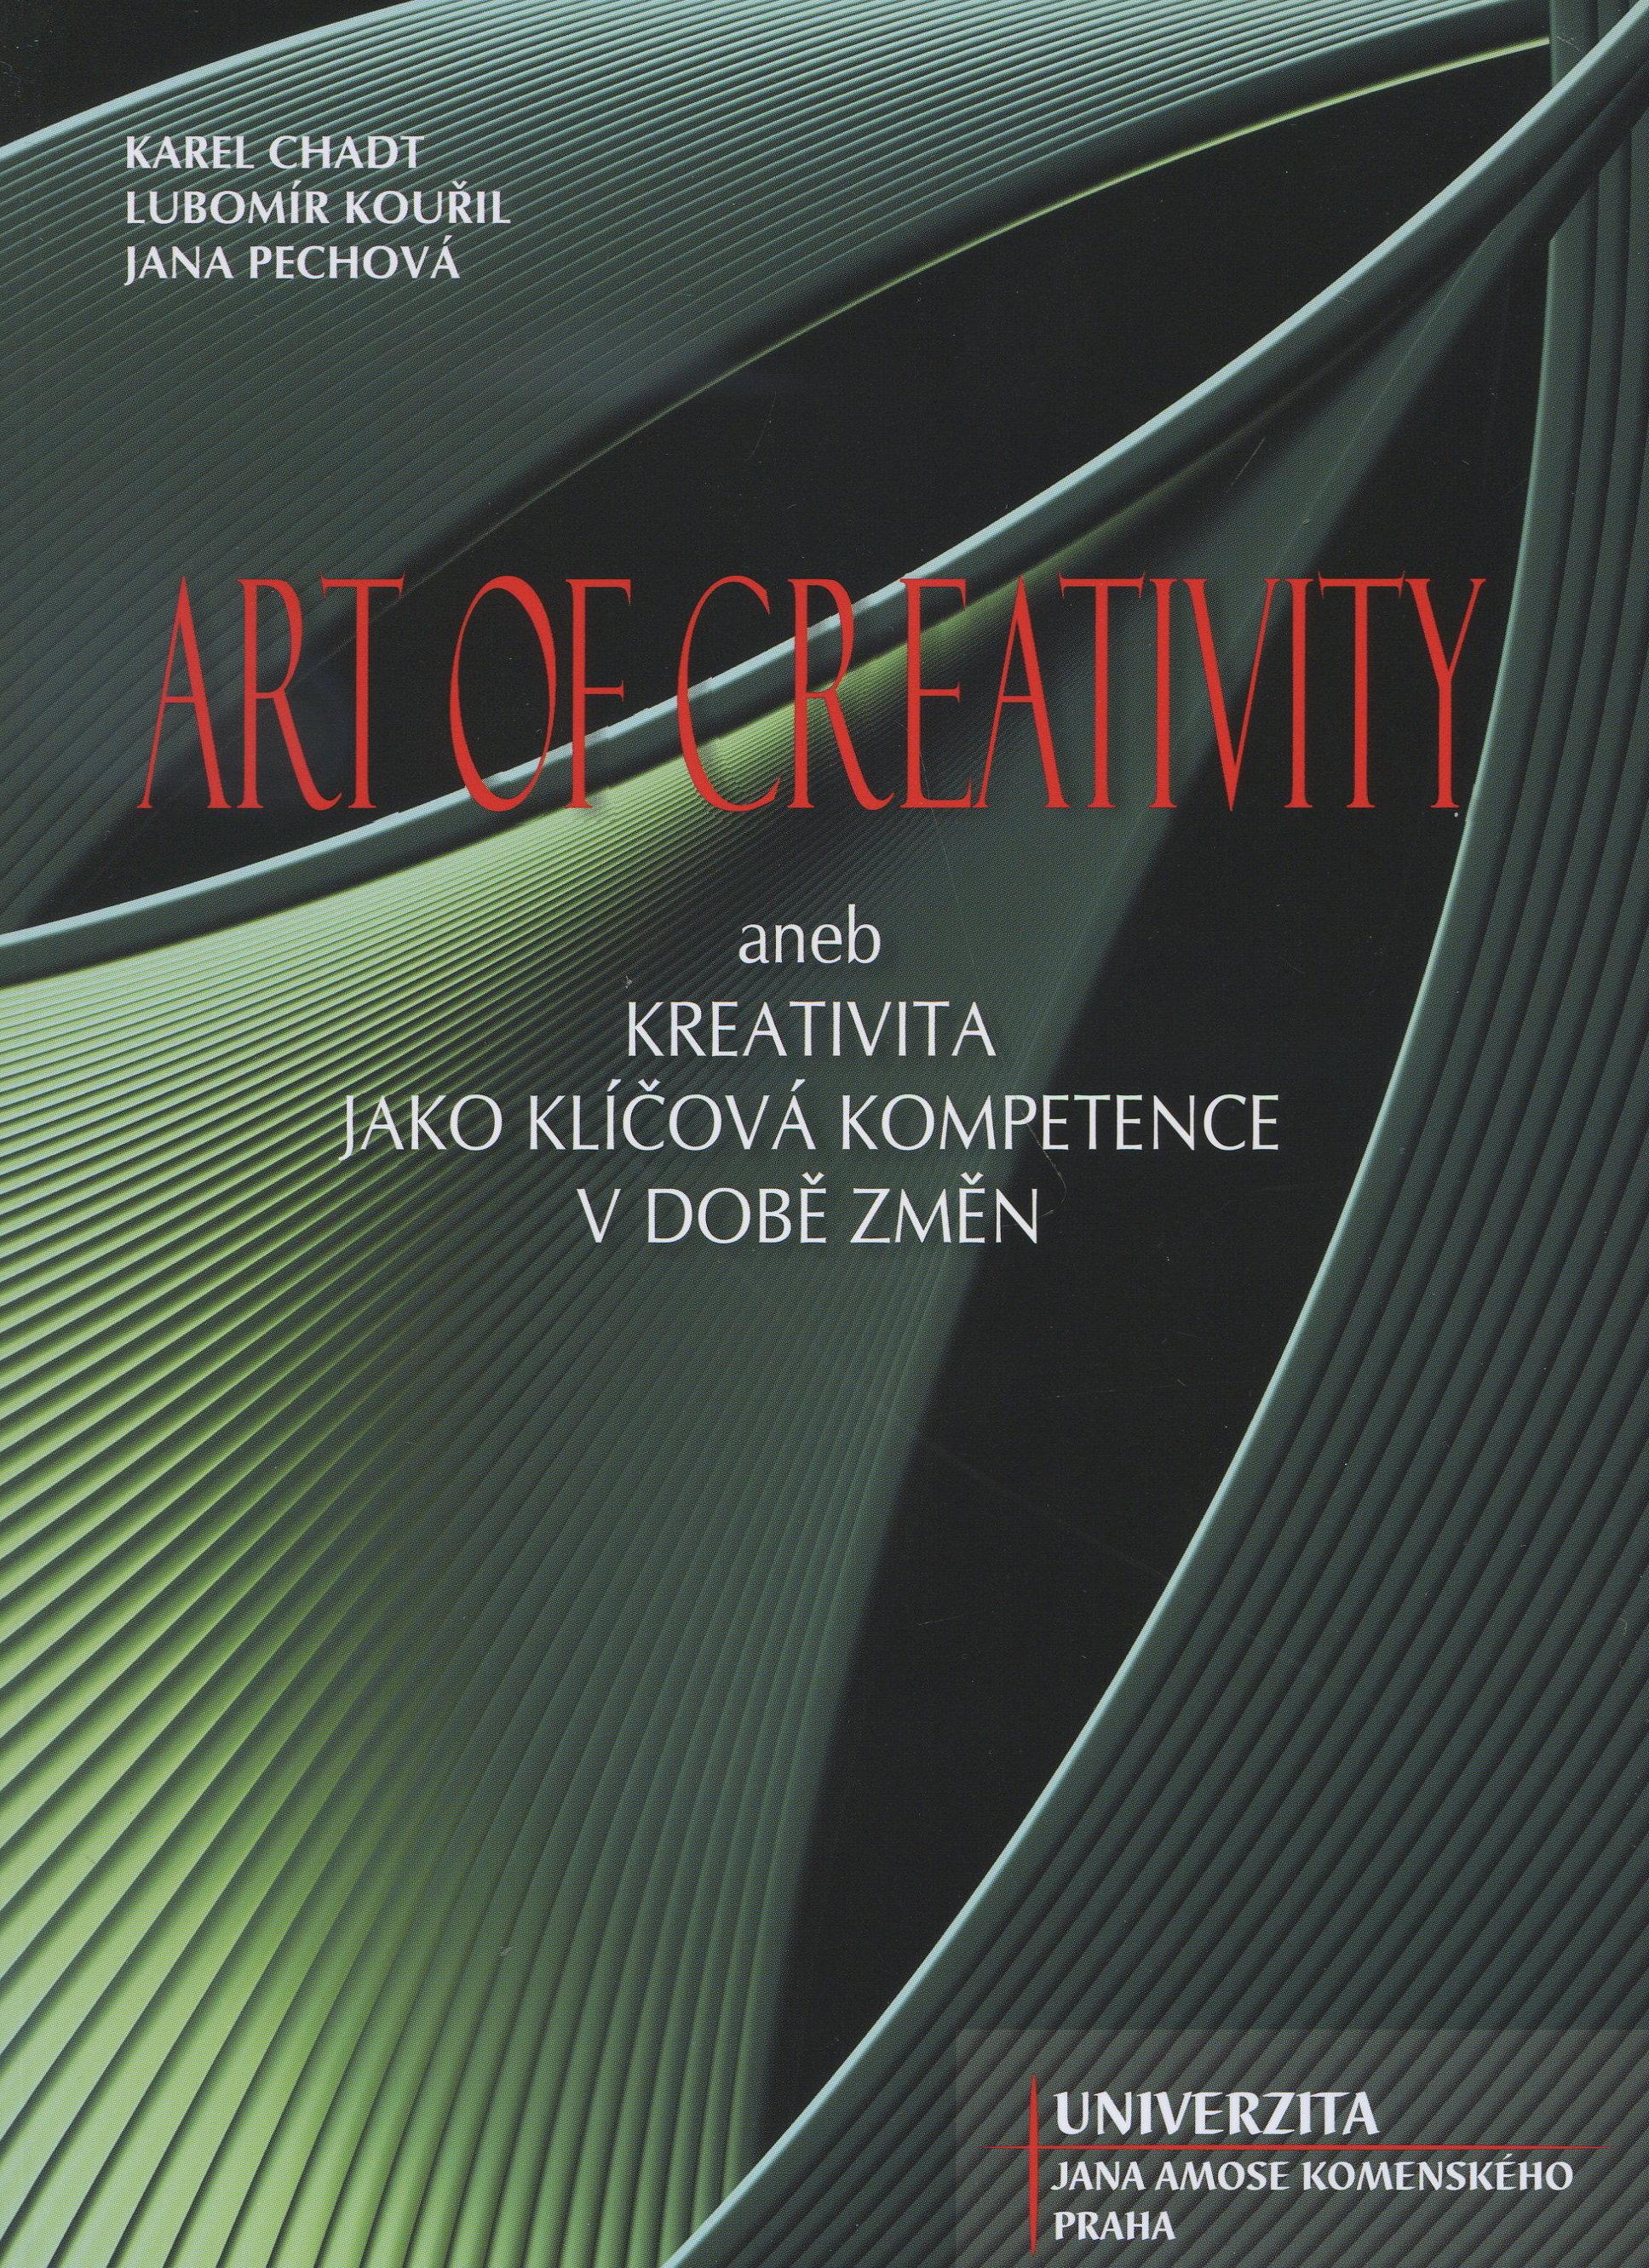 Art of Creativity - aneb kreativita jako klíčová kompetence v době změn